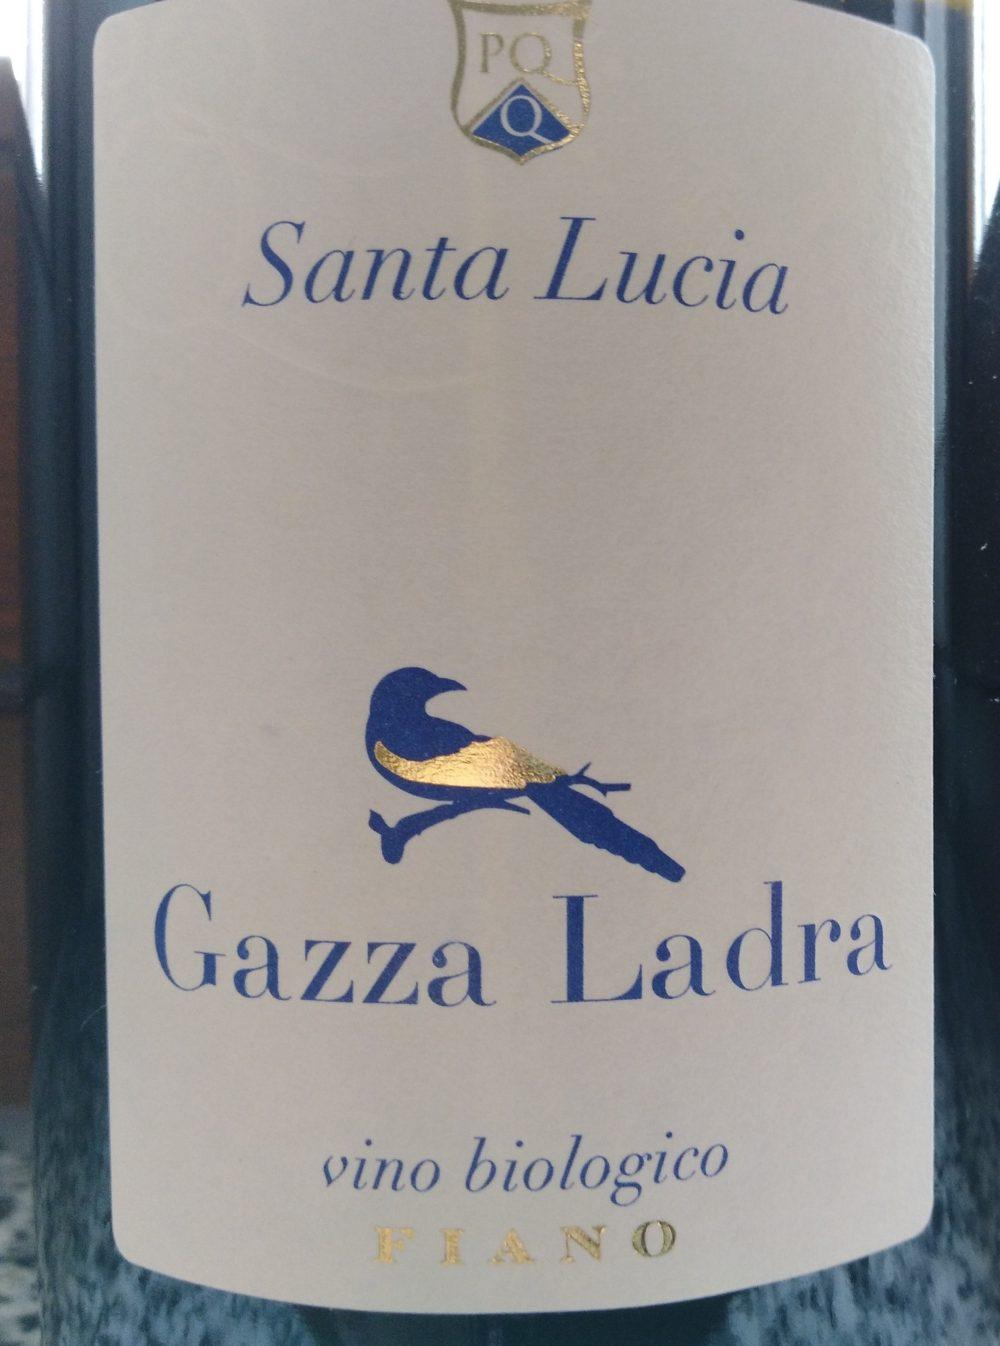 Gazza Ladra Fiano Puglia Igp 2017 Santa Lucia